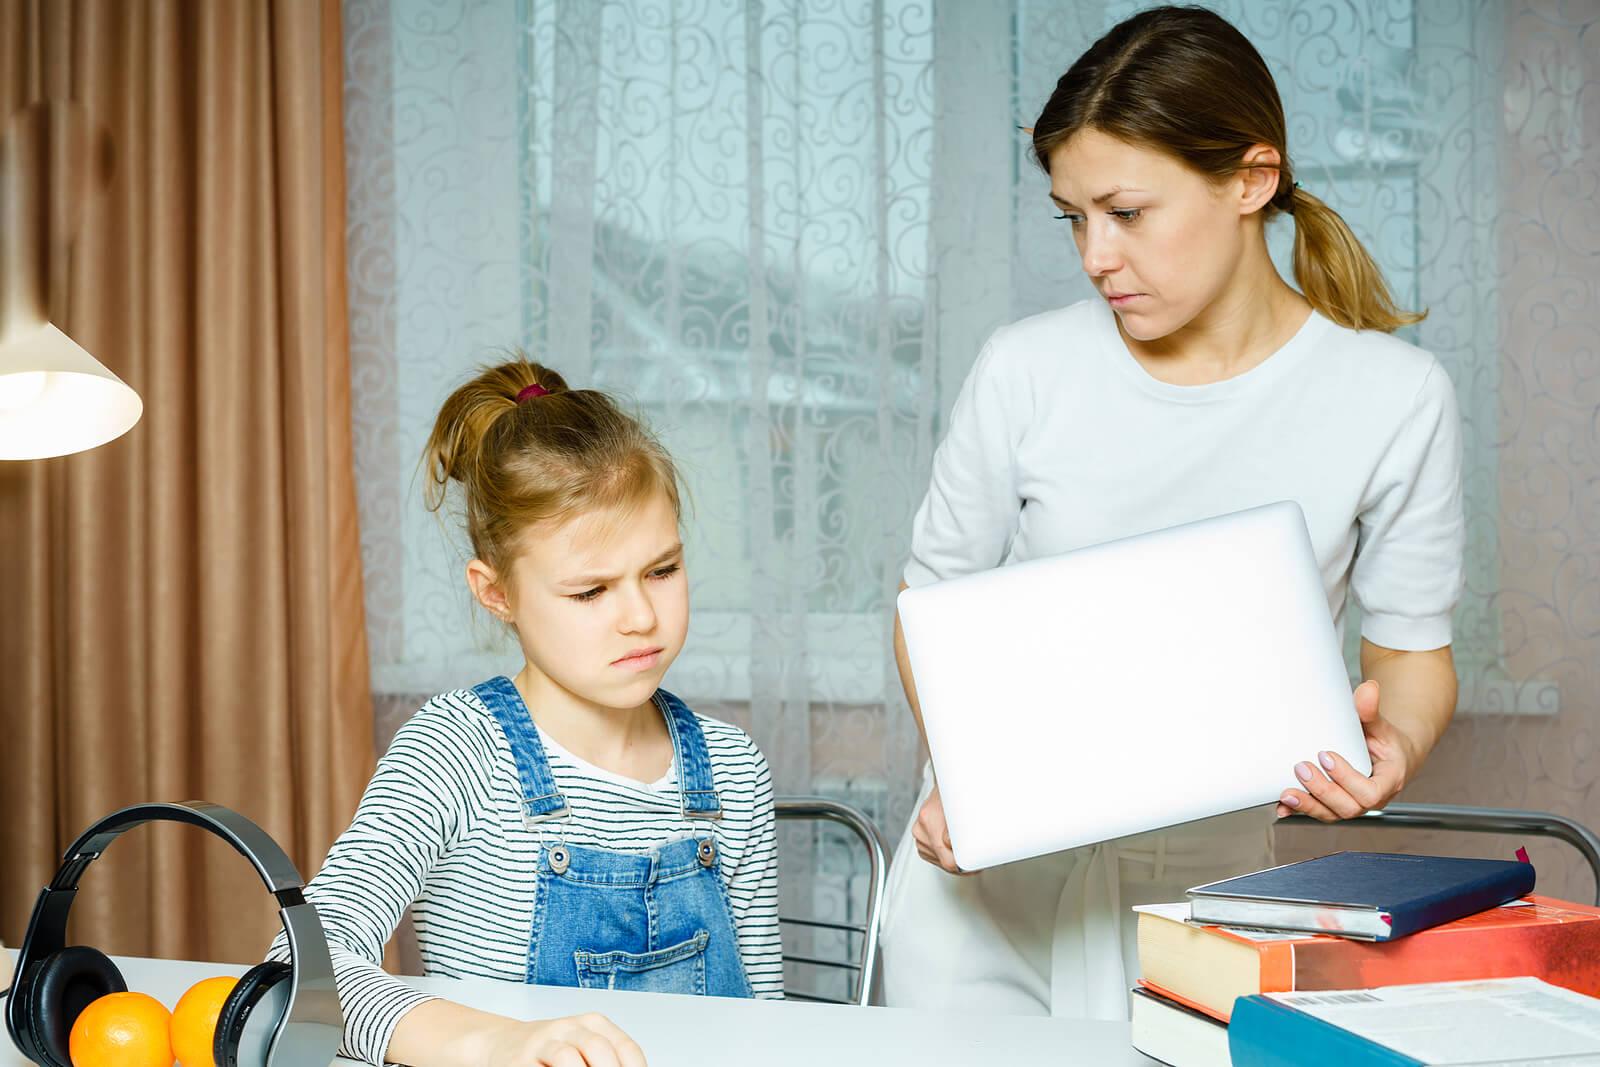 Madre intrusiva cotilleando las cosas personales de su hija.